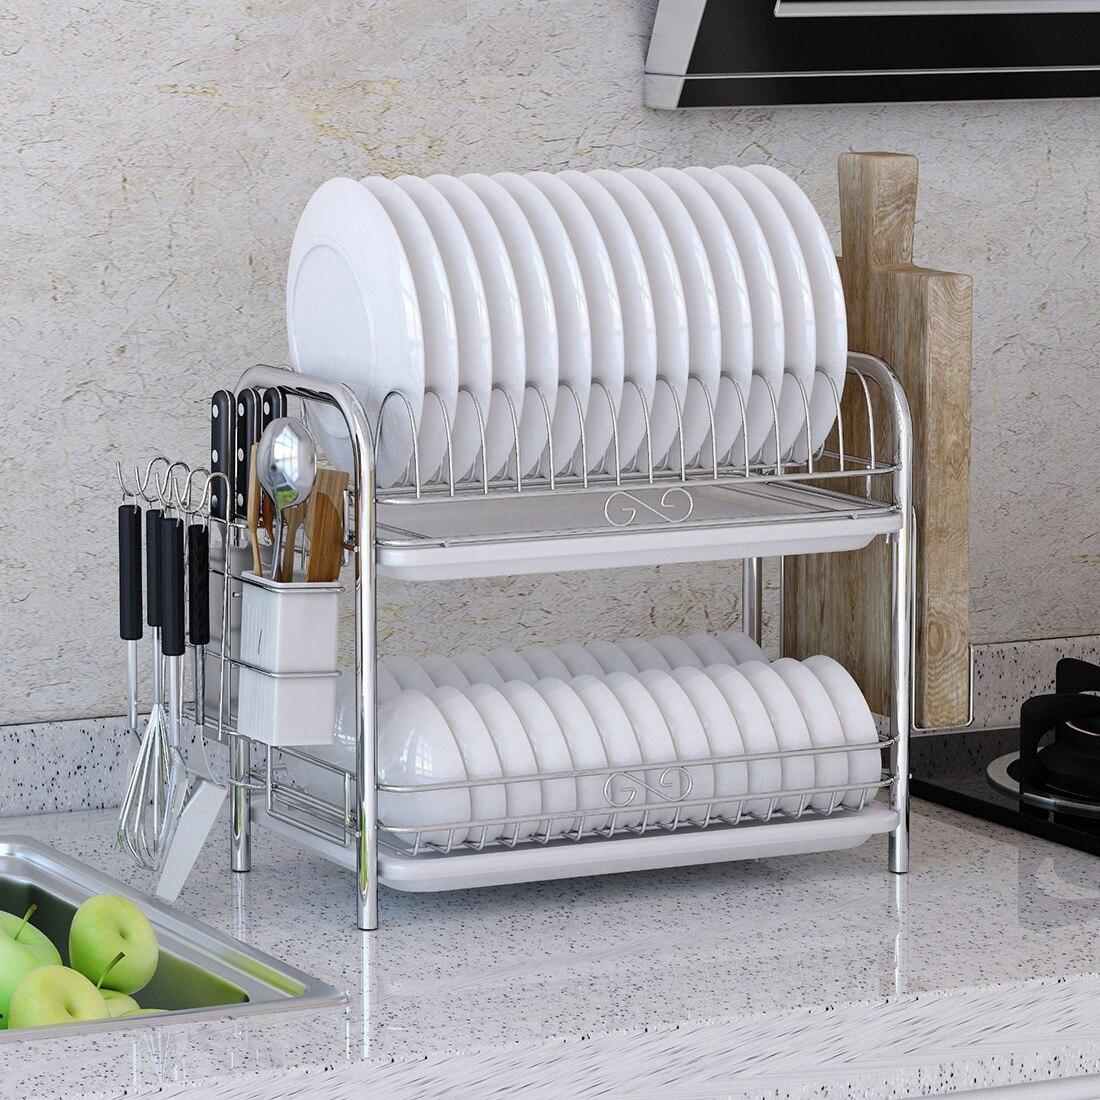 2 Tiers Wrought Iron Dish Drainer Kitchen Utensils Storage Rack With Drainboard Home Organizer Kitchen Shelf - Silver + White